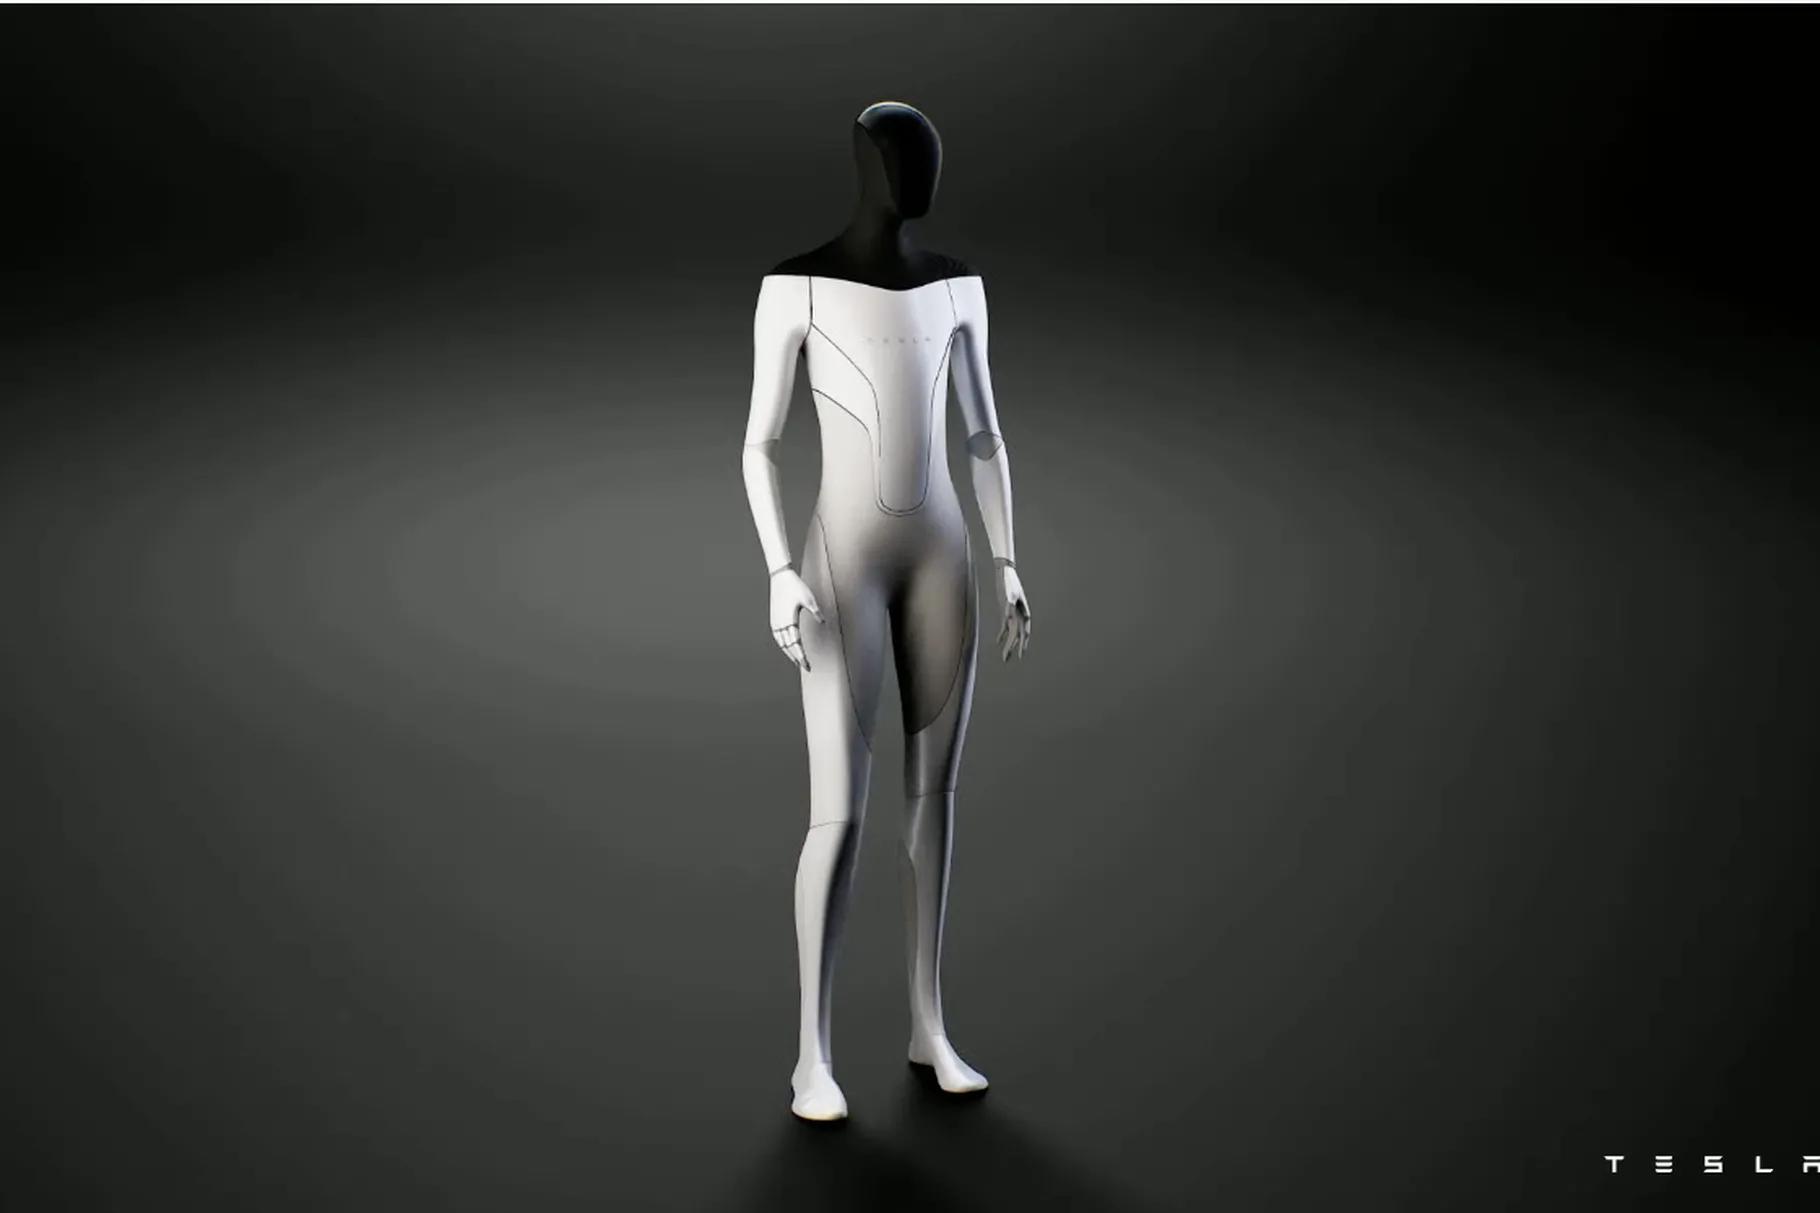 Tesla Announces their Humanoid Robot